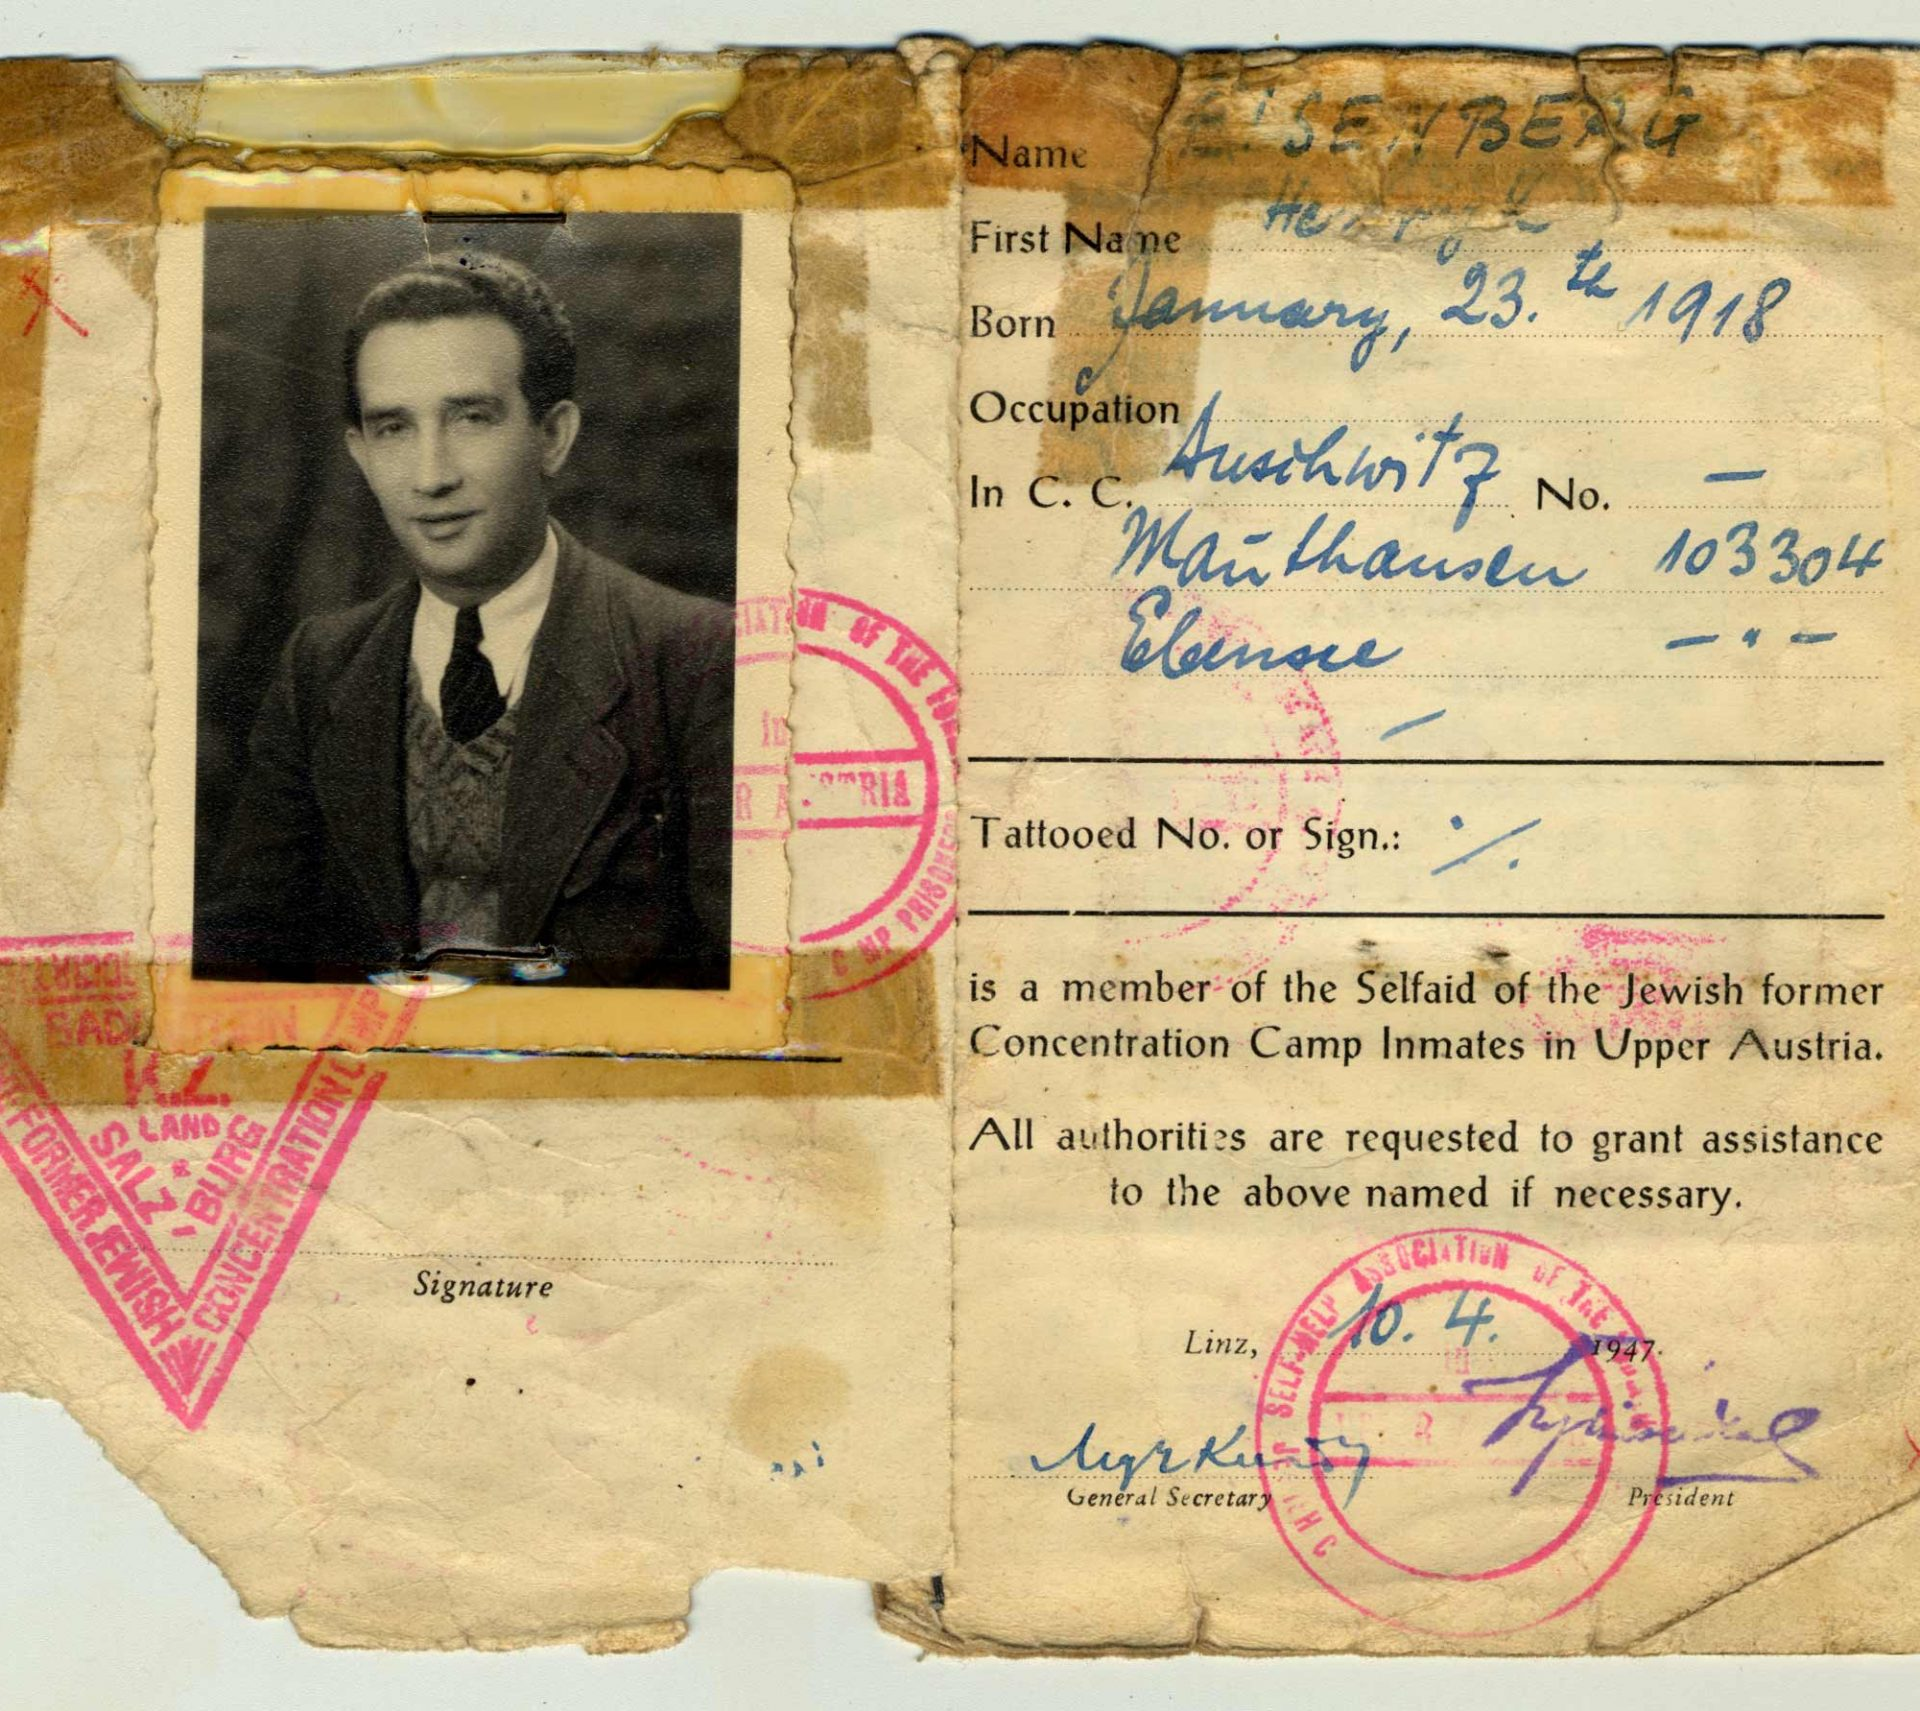 La carte d'identité émise au nom d'Henryk par un organisme venant en aide aux survivants des camps de concentration d'Autriche.